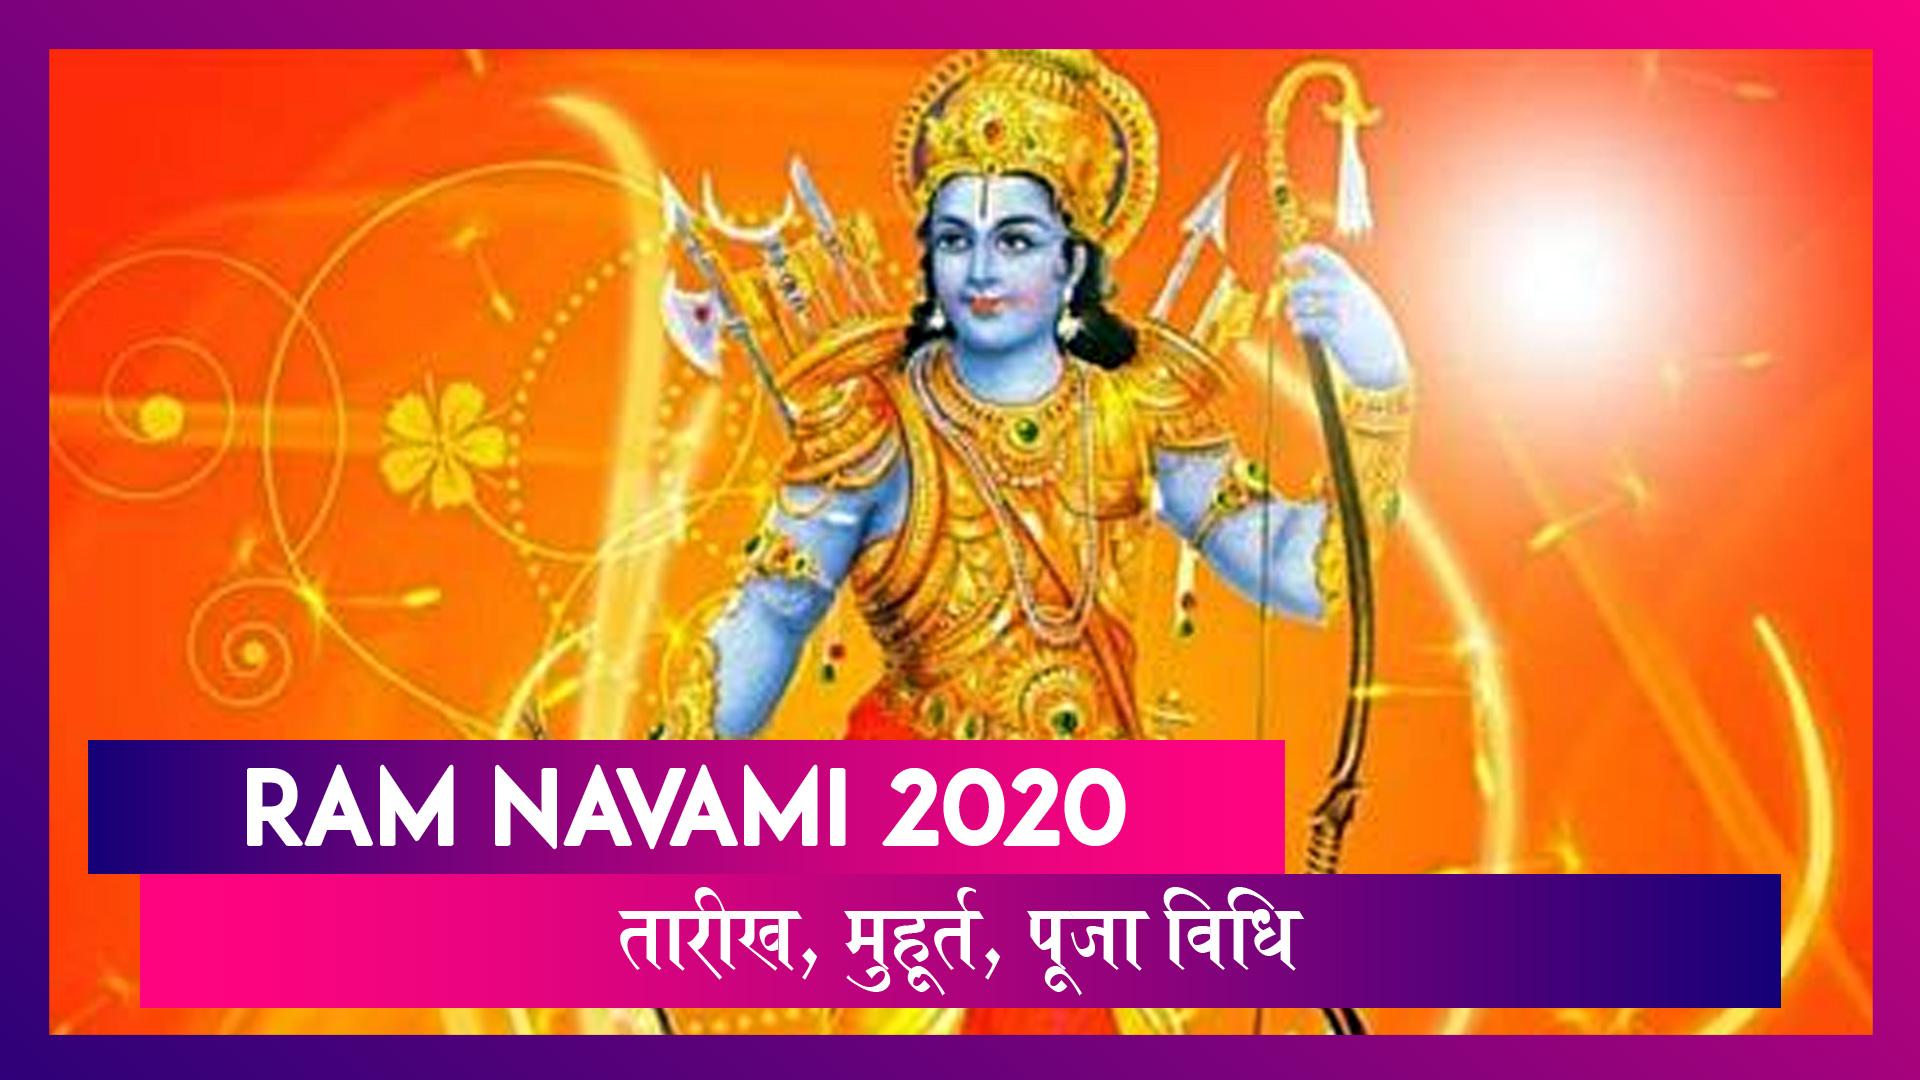 Ram Navami 2020: क्यों खास है इस साल की रामनवमी; जानें तारीख, मुहूर्त और पूजा विधि